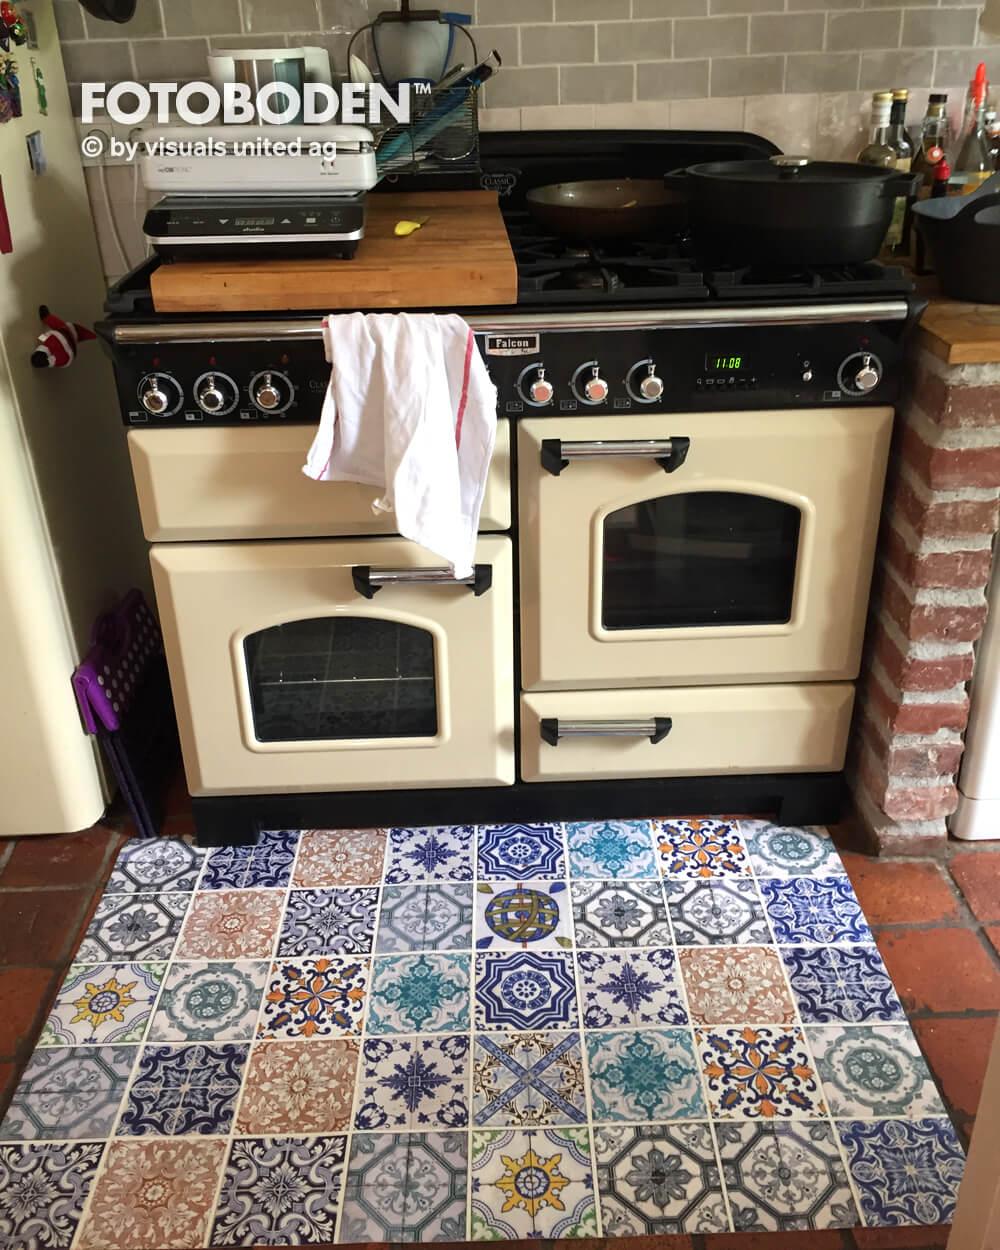 Kuchengestaltung Geht Auch Mit Fotoboden Fotoboden De